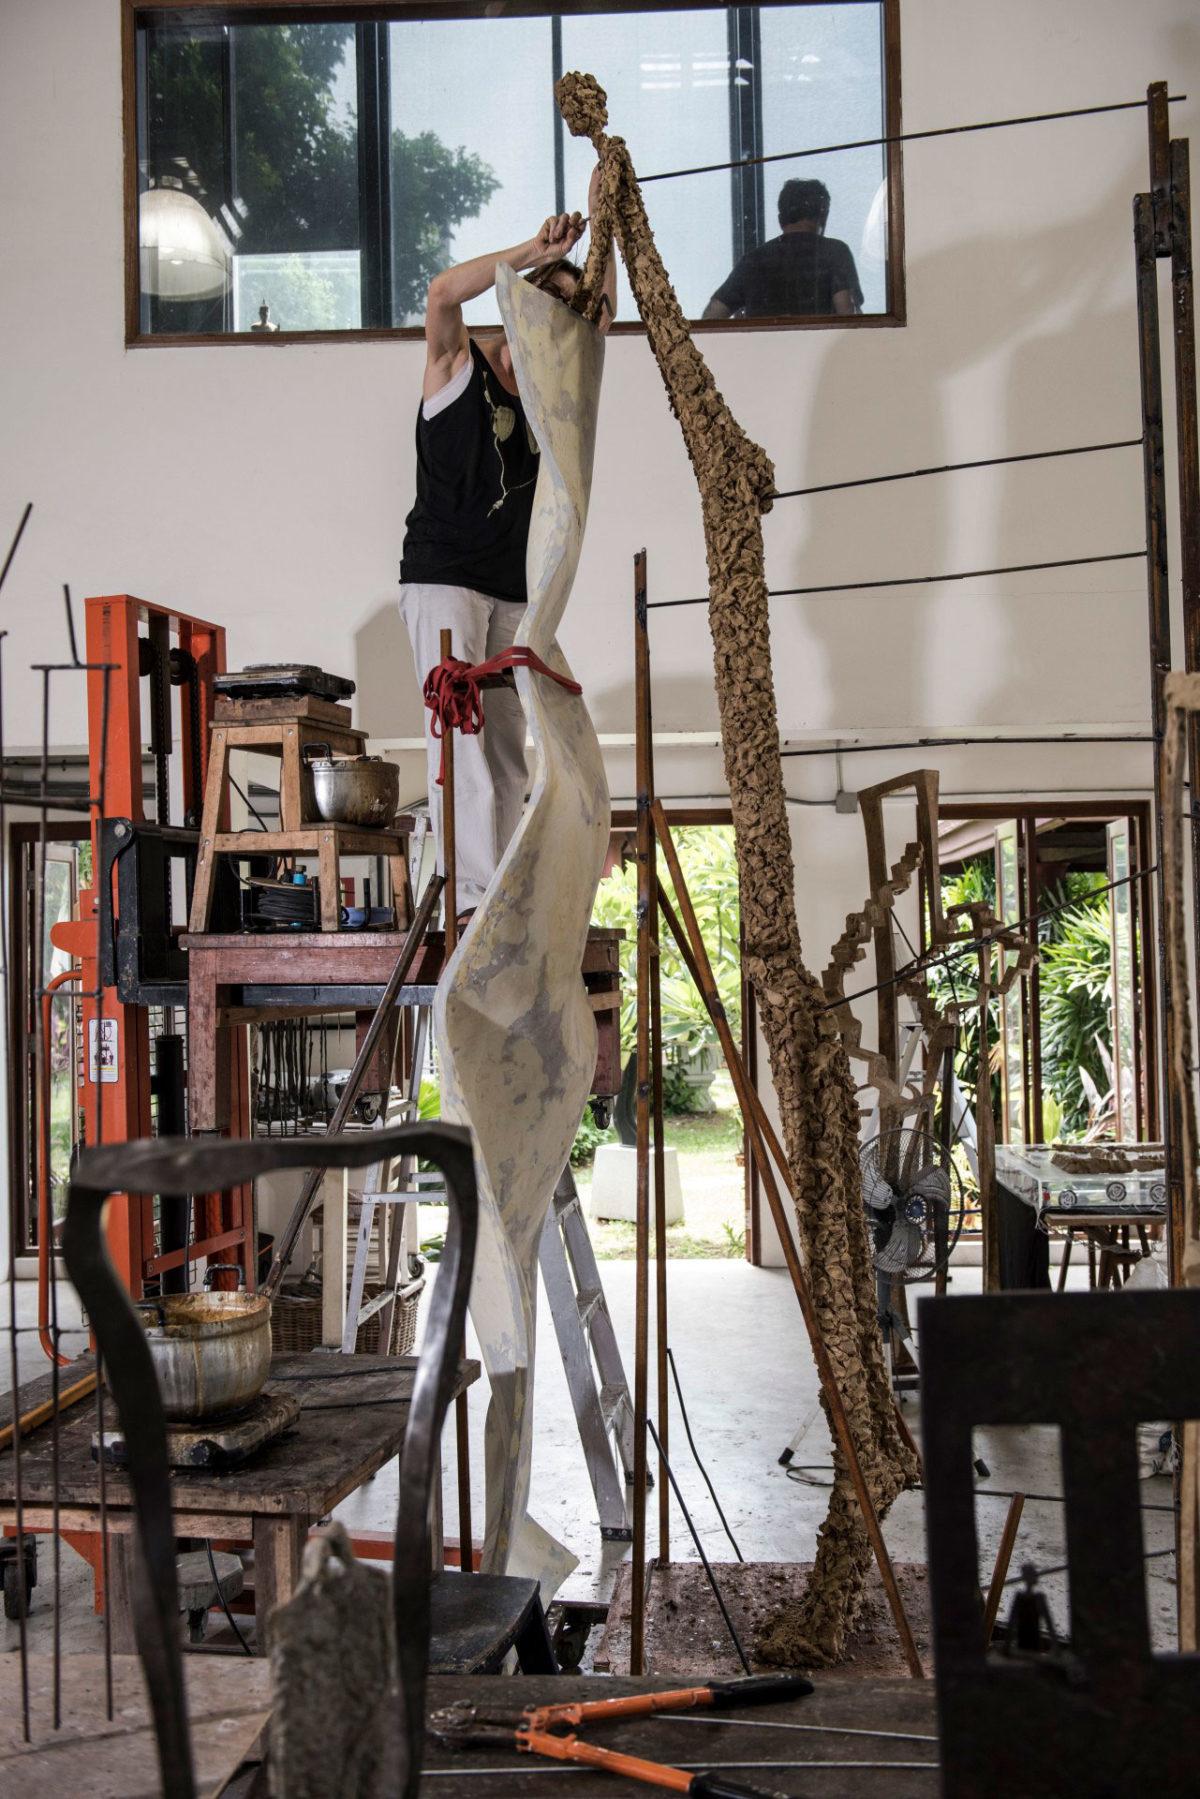 La sculpteure française Val - Valérie Goutard - dans le studio de Bangkok travaillant sur Le monde est vaste – avec Sculptureval